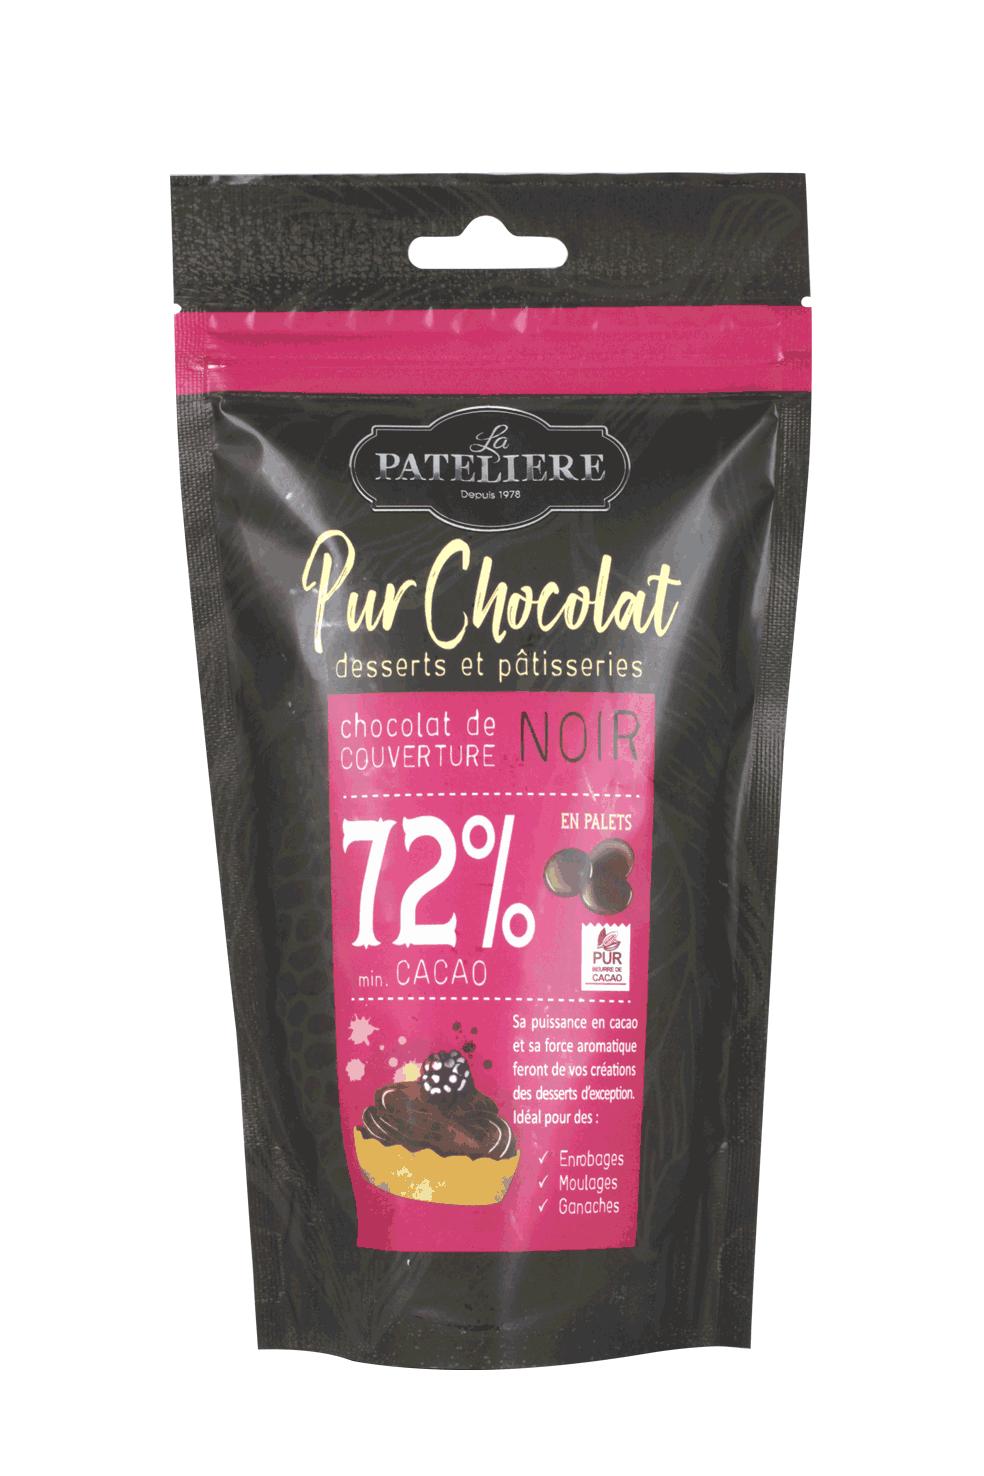 palets chocolat noir 72 couverture à pâtisser LA PATELIERE